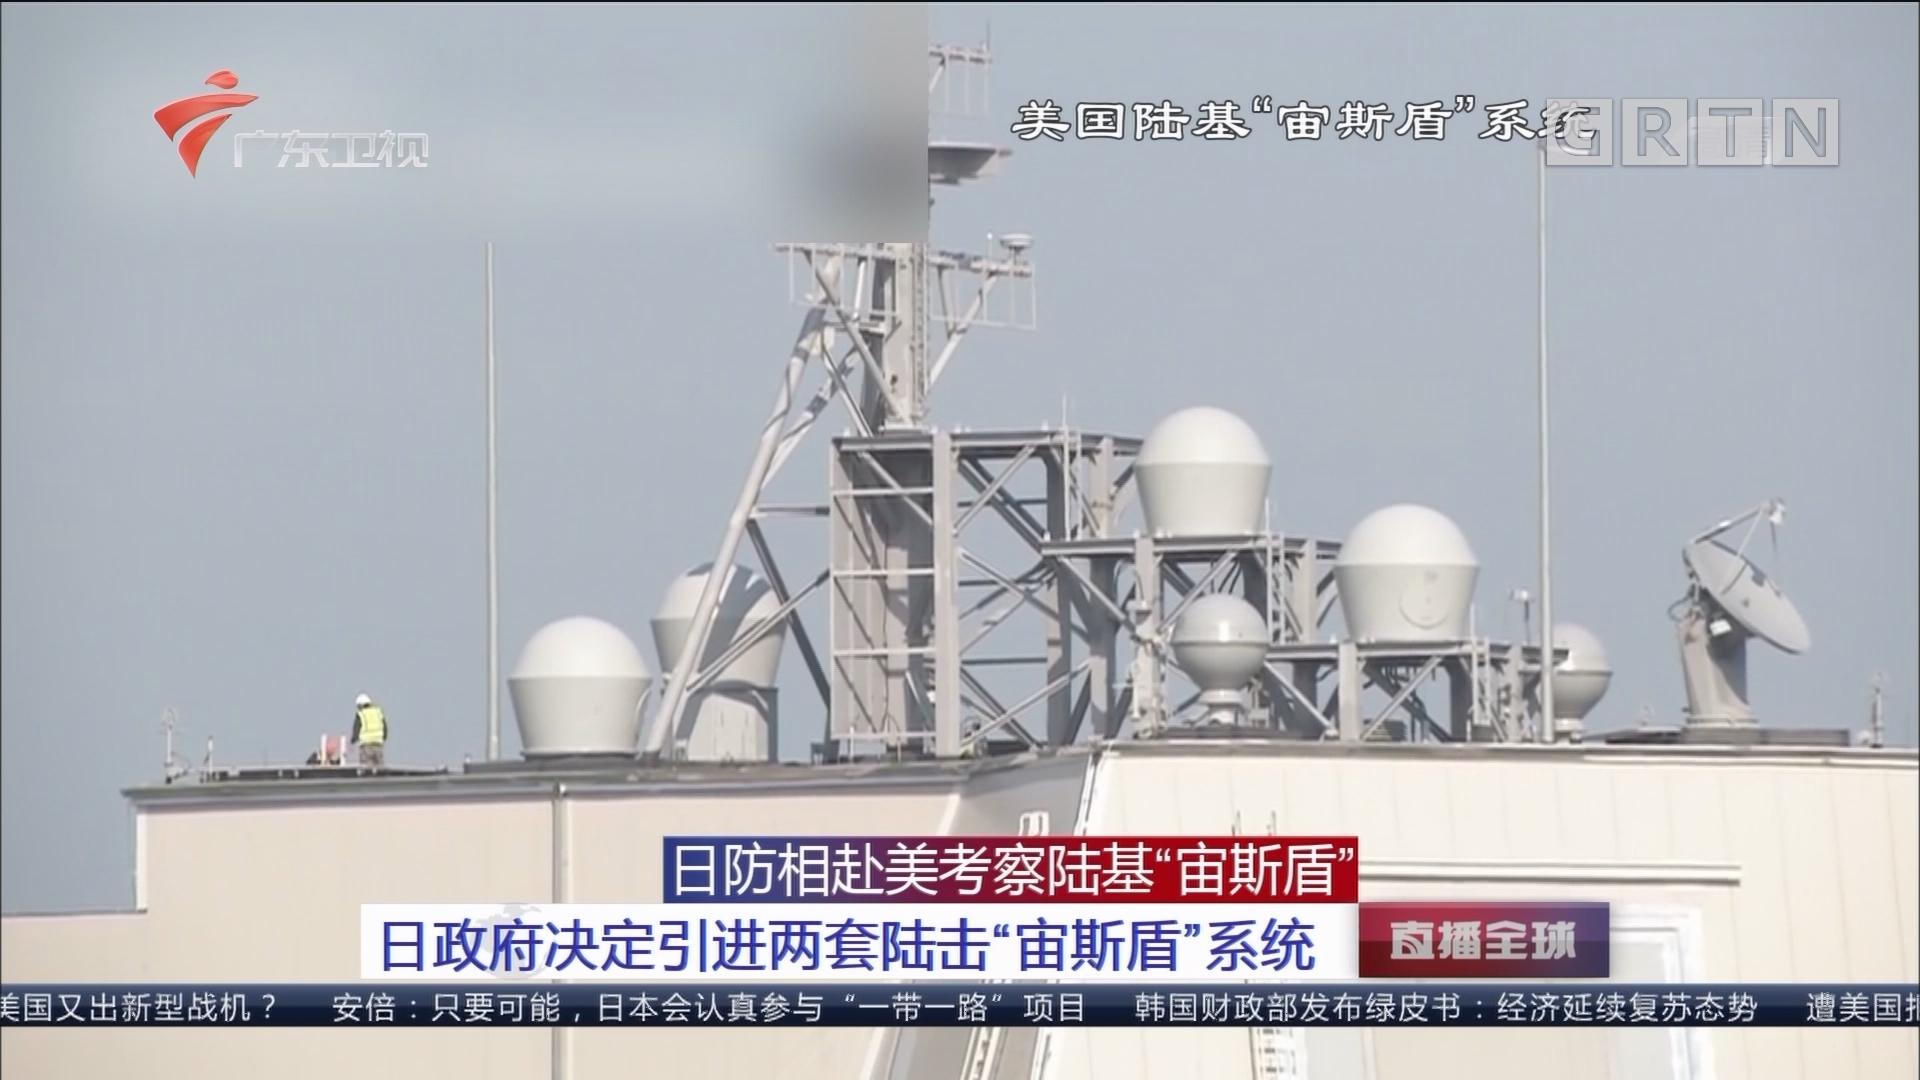 """日政府决定引进两套陆基""""宙斯盾"""":日政府决定引进两套陆击""""宙斯盾""""系统"""